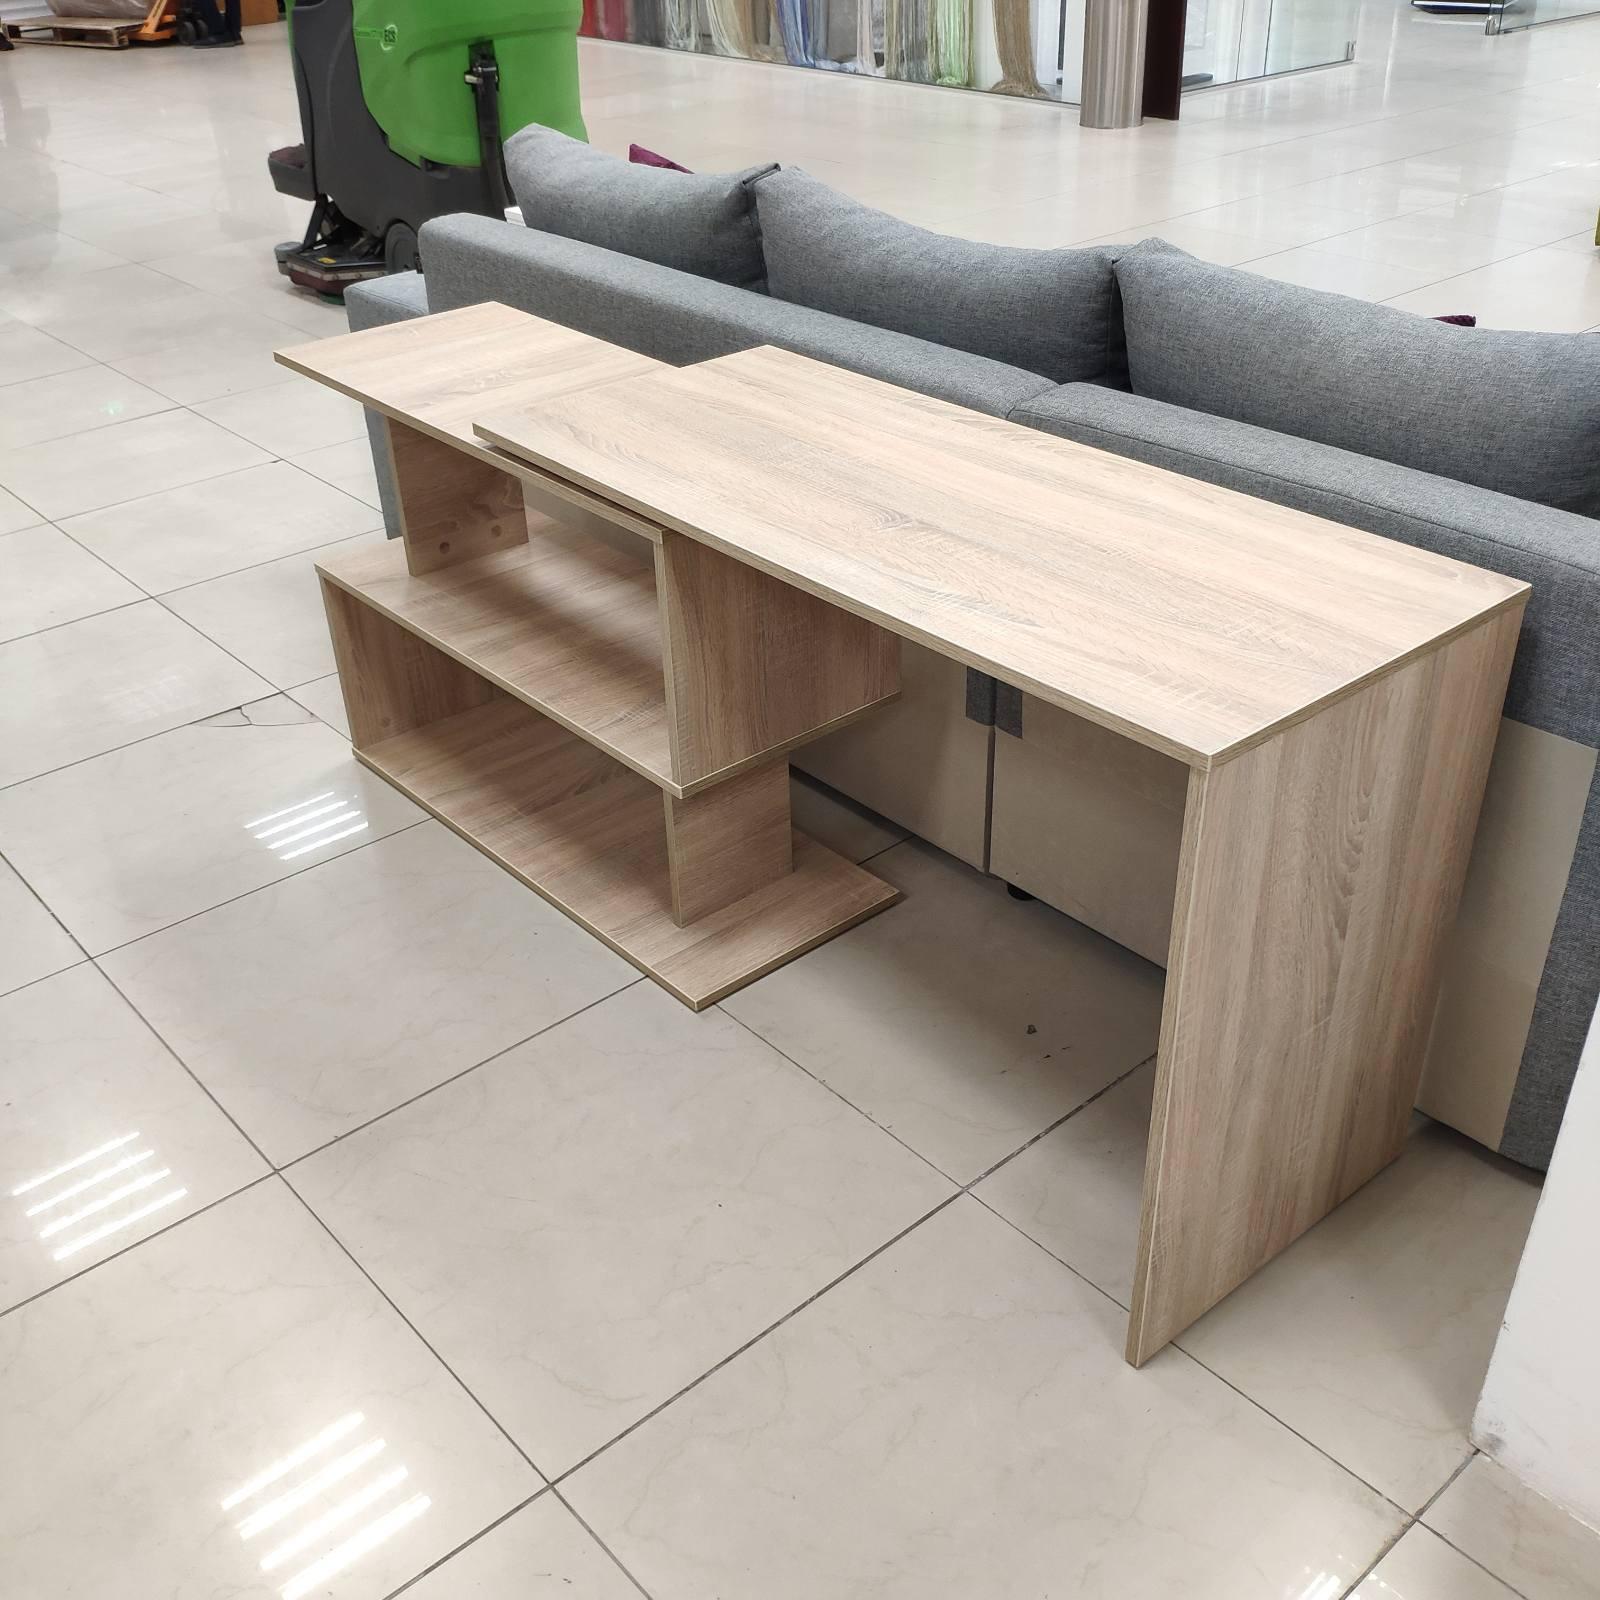 Фото Стол поворотный, ДСП Дуб Сонома. Выполнено через сервис Вияр. Выполню проект в Базис-Мебельщик 11.